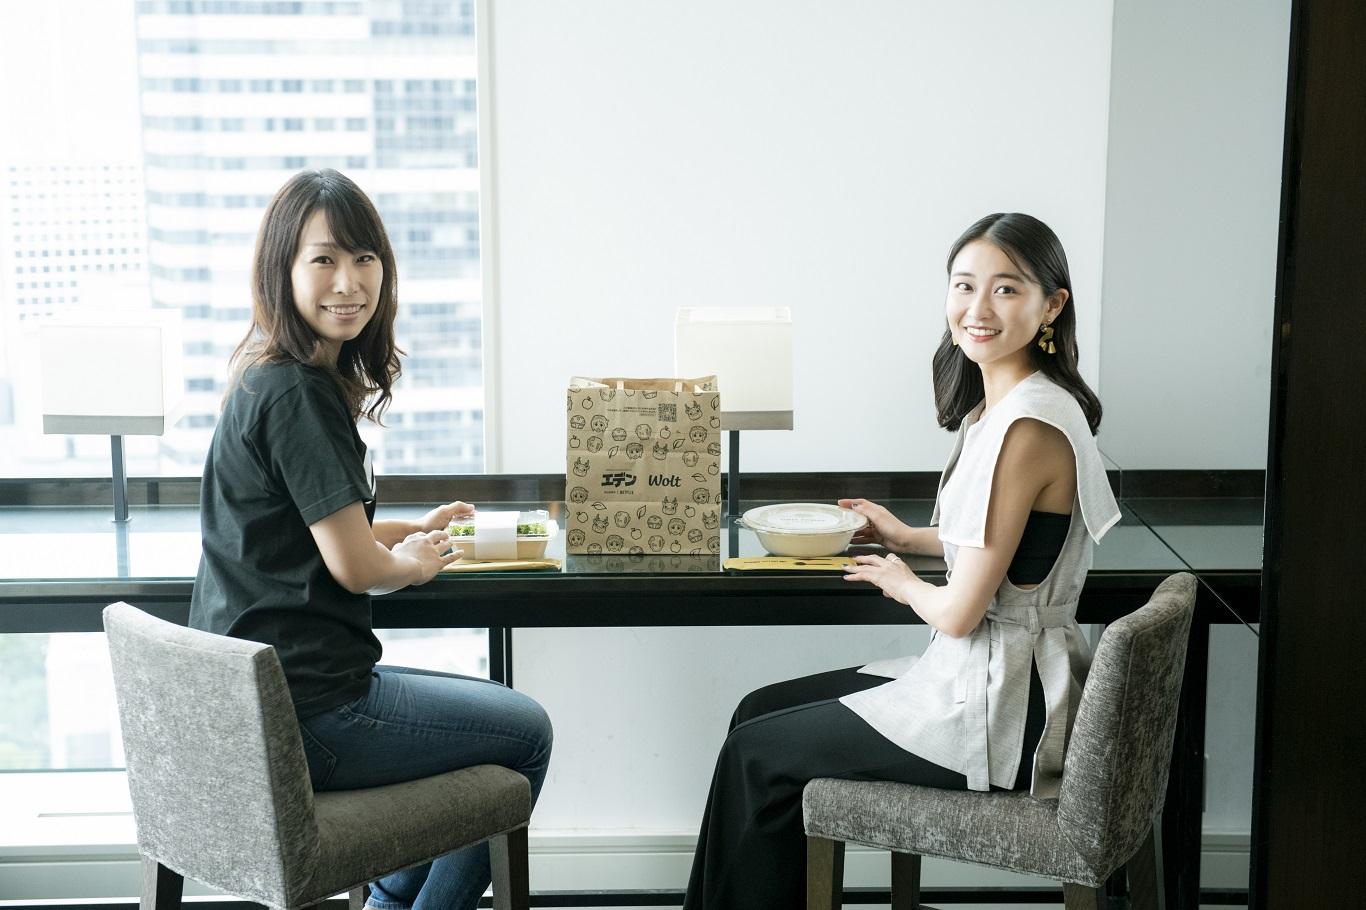 Woltが目指す「#地球にやさしいデリバリー」とは何か? ——和田彩花さんが聞く「美味しいサステナブル」を実践する方法